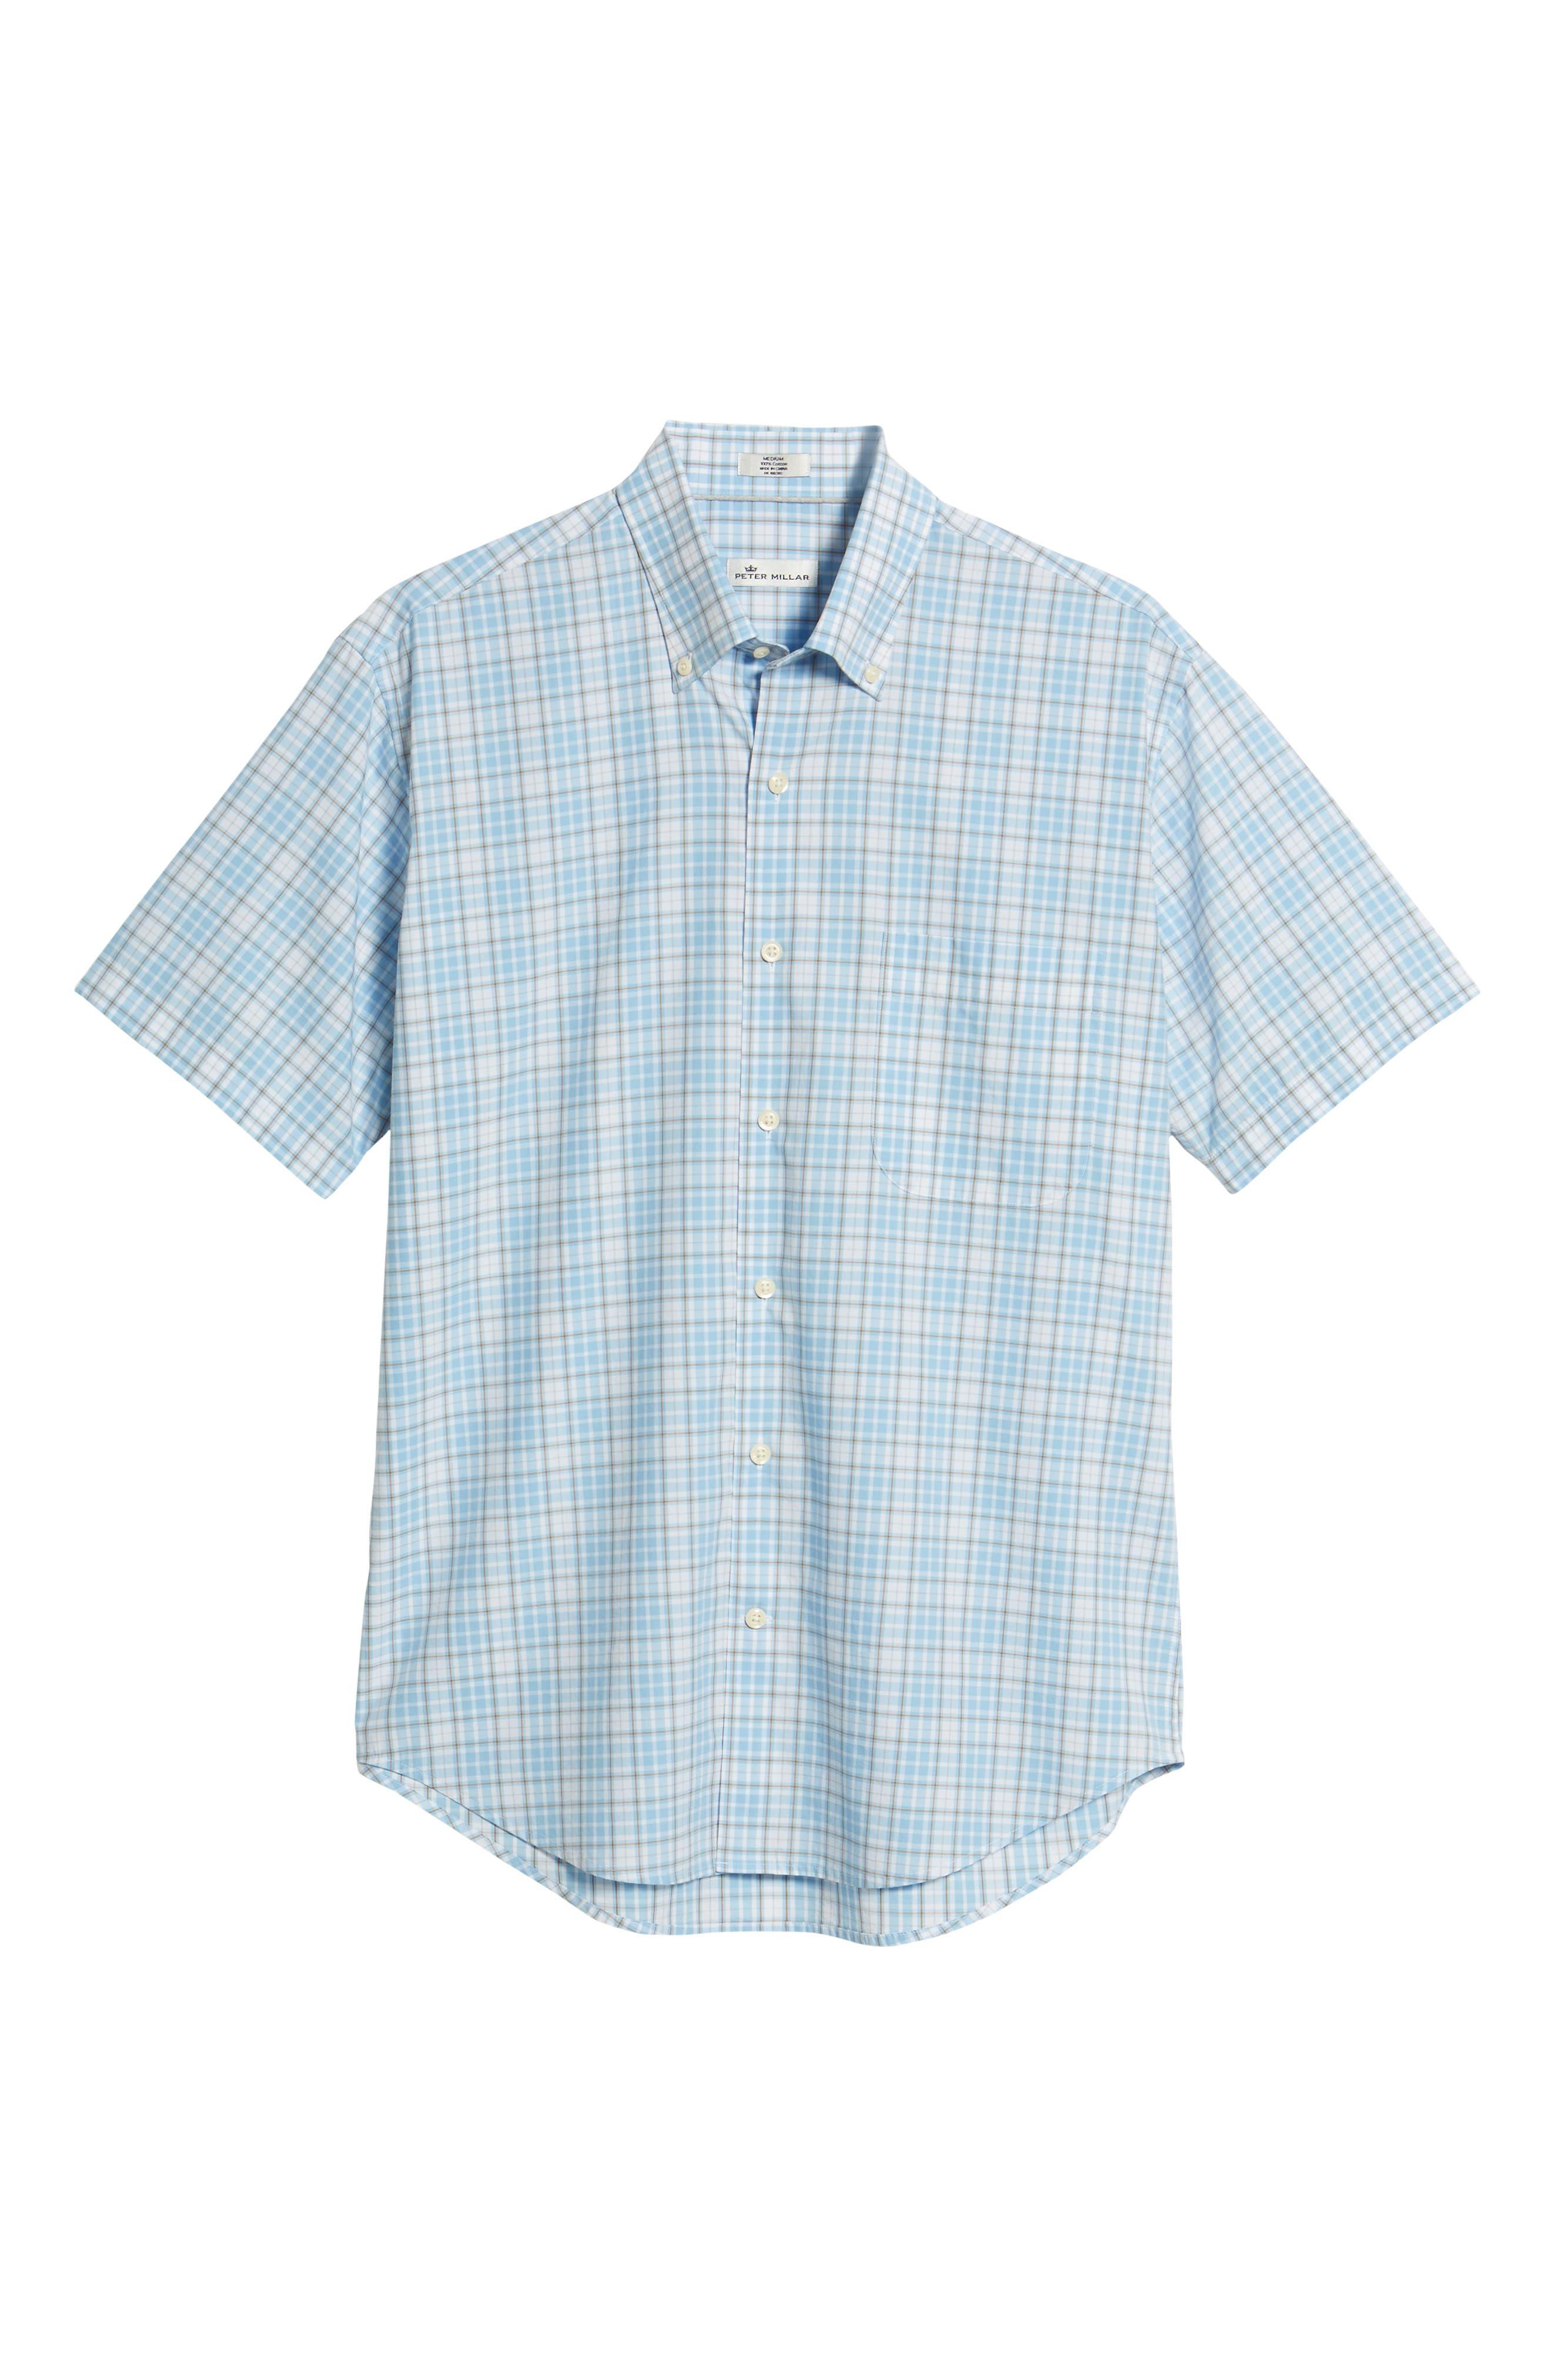 PETER MILLAR,                             Belltown Regular Fit Tartan Sport Shirt,                             Alternate thumbnail 6, color,                             400